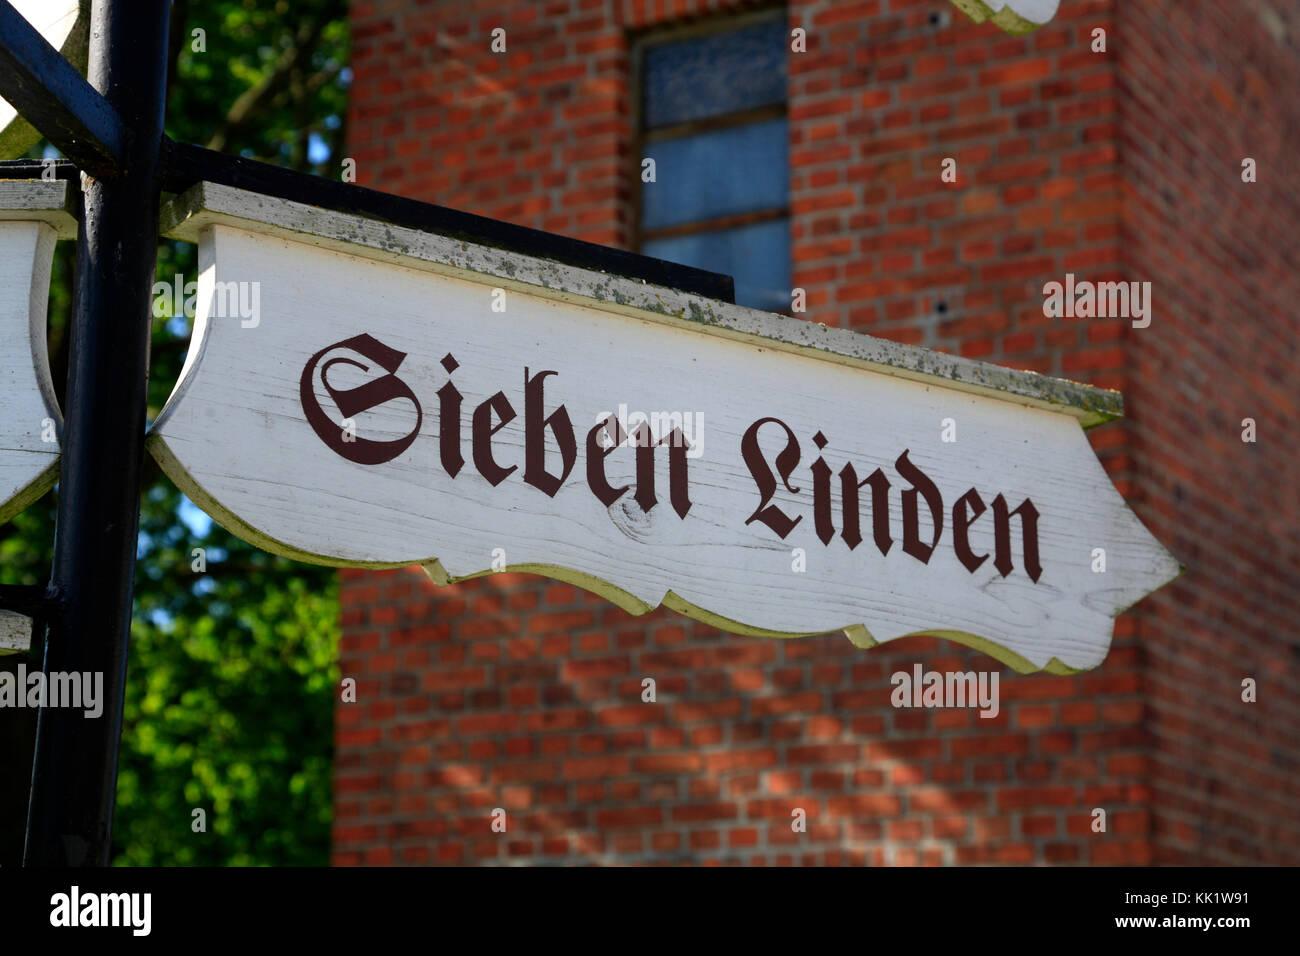 Straßenschilder zu Ökodorf Sieben Linden in der Nähe von beetzendorf/Salzwedel, Sachsen - Anhalt, Stockbild